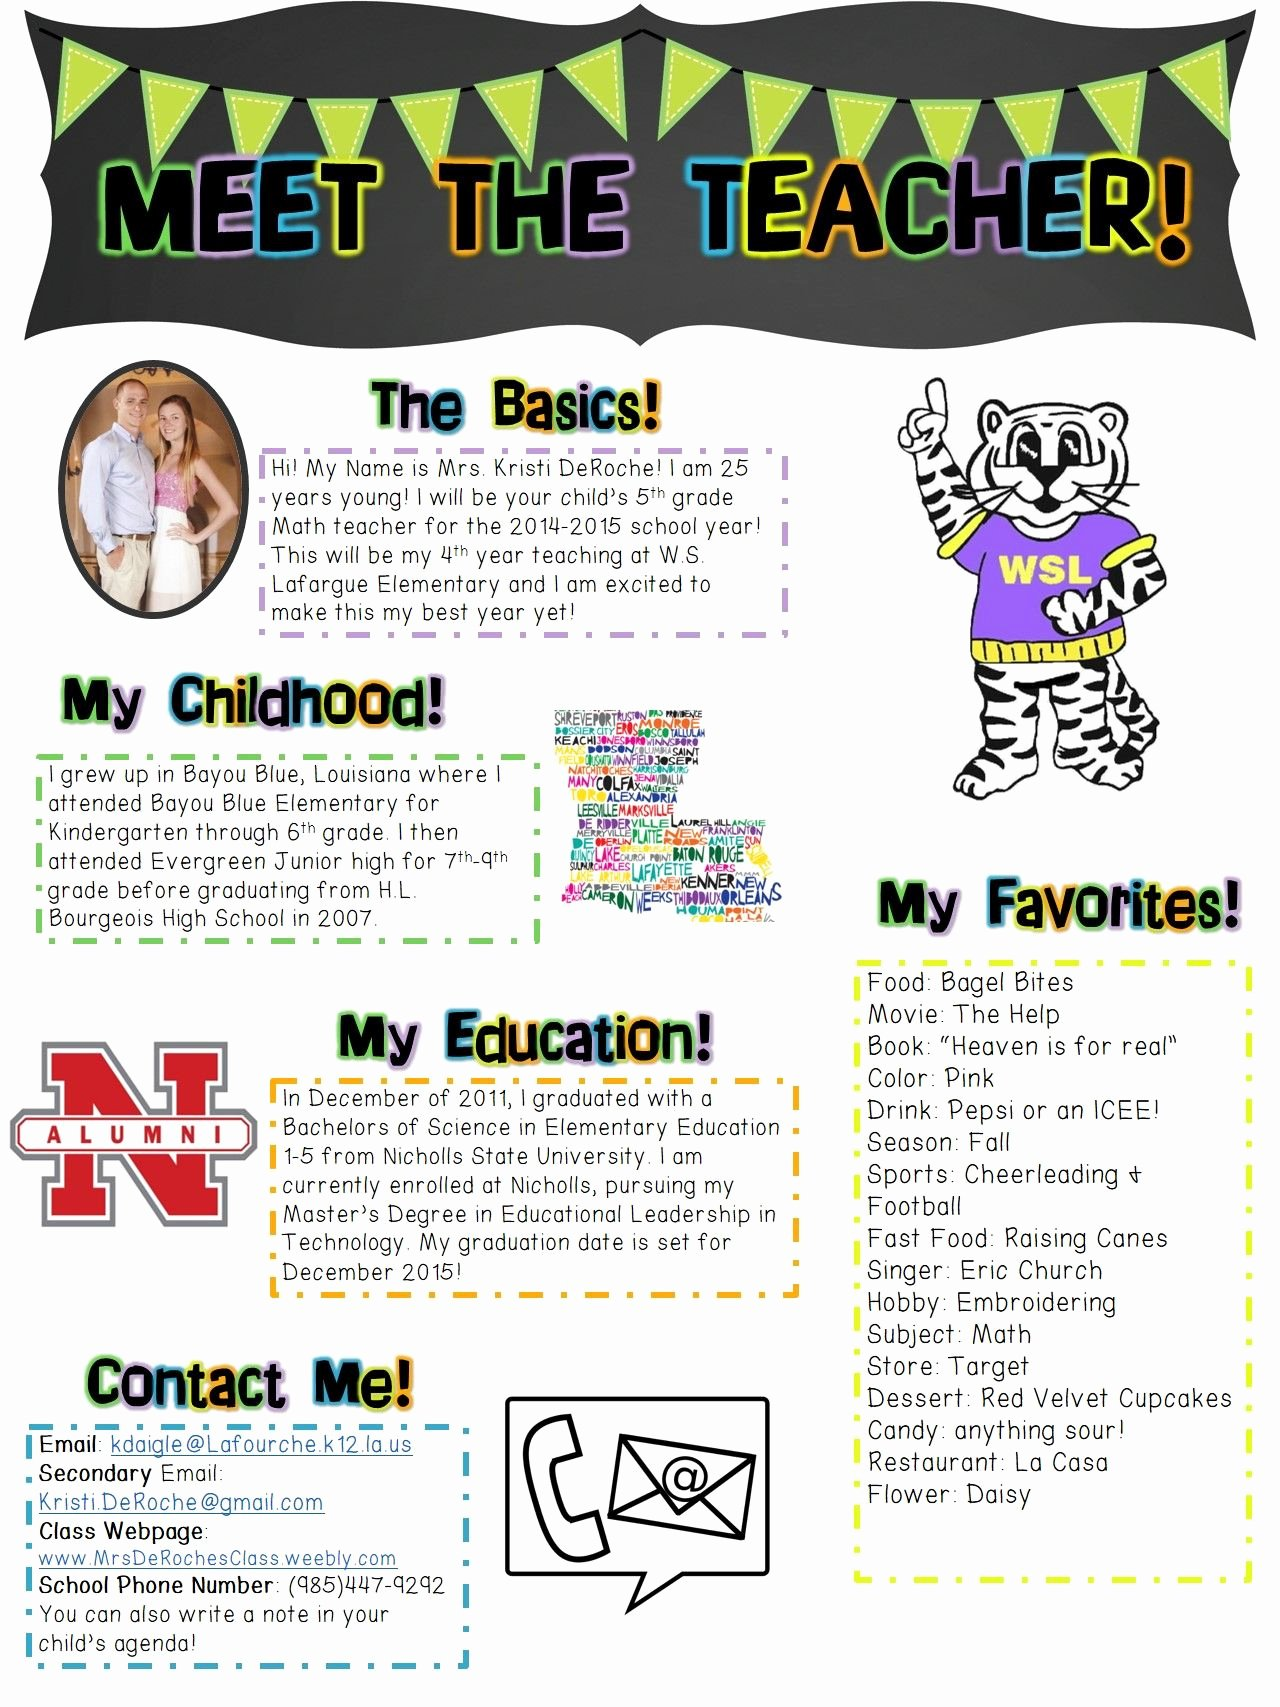 First Grade Newsletter Template Best Of Meet the Teacher Newsletter Editable